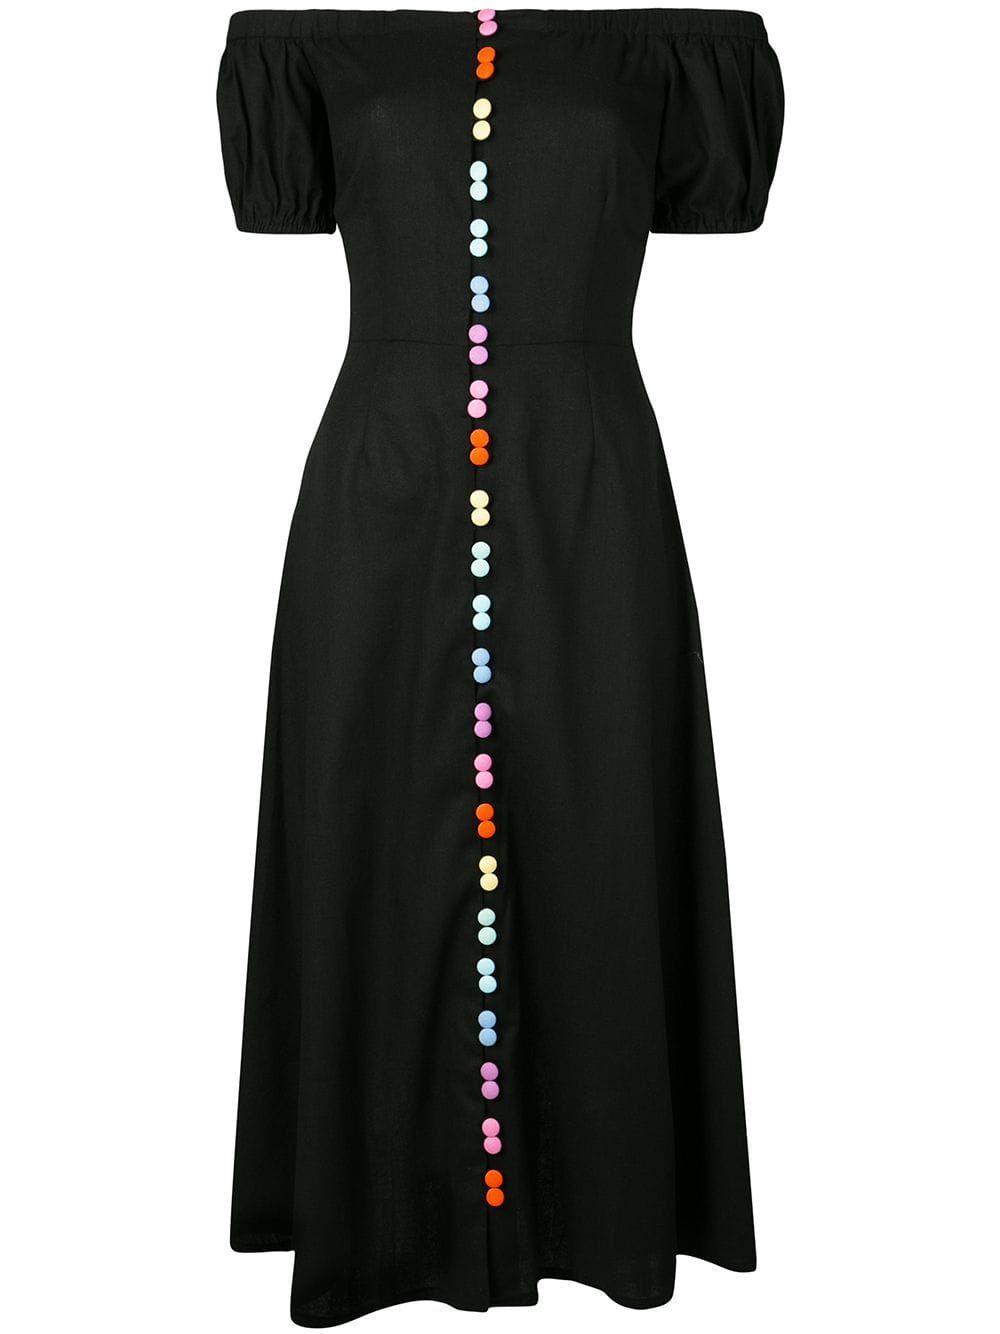 Olivia Rubin Rainbow Button Dress Farfetch Short Dress Red Dresses Floral Dress Black [ 1334 x 1000 Pixel ]